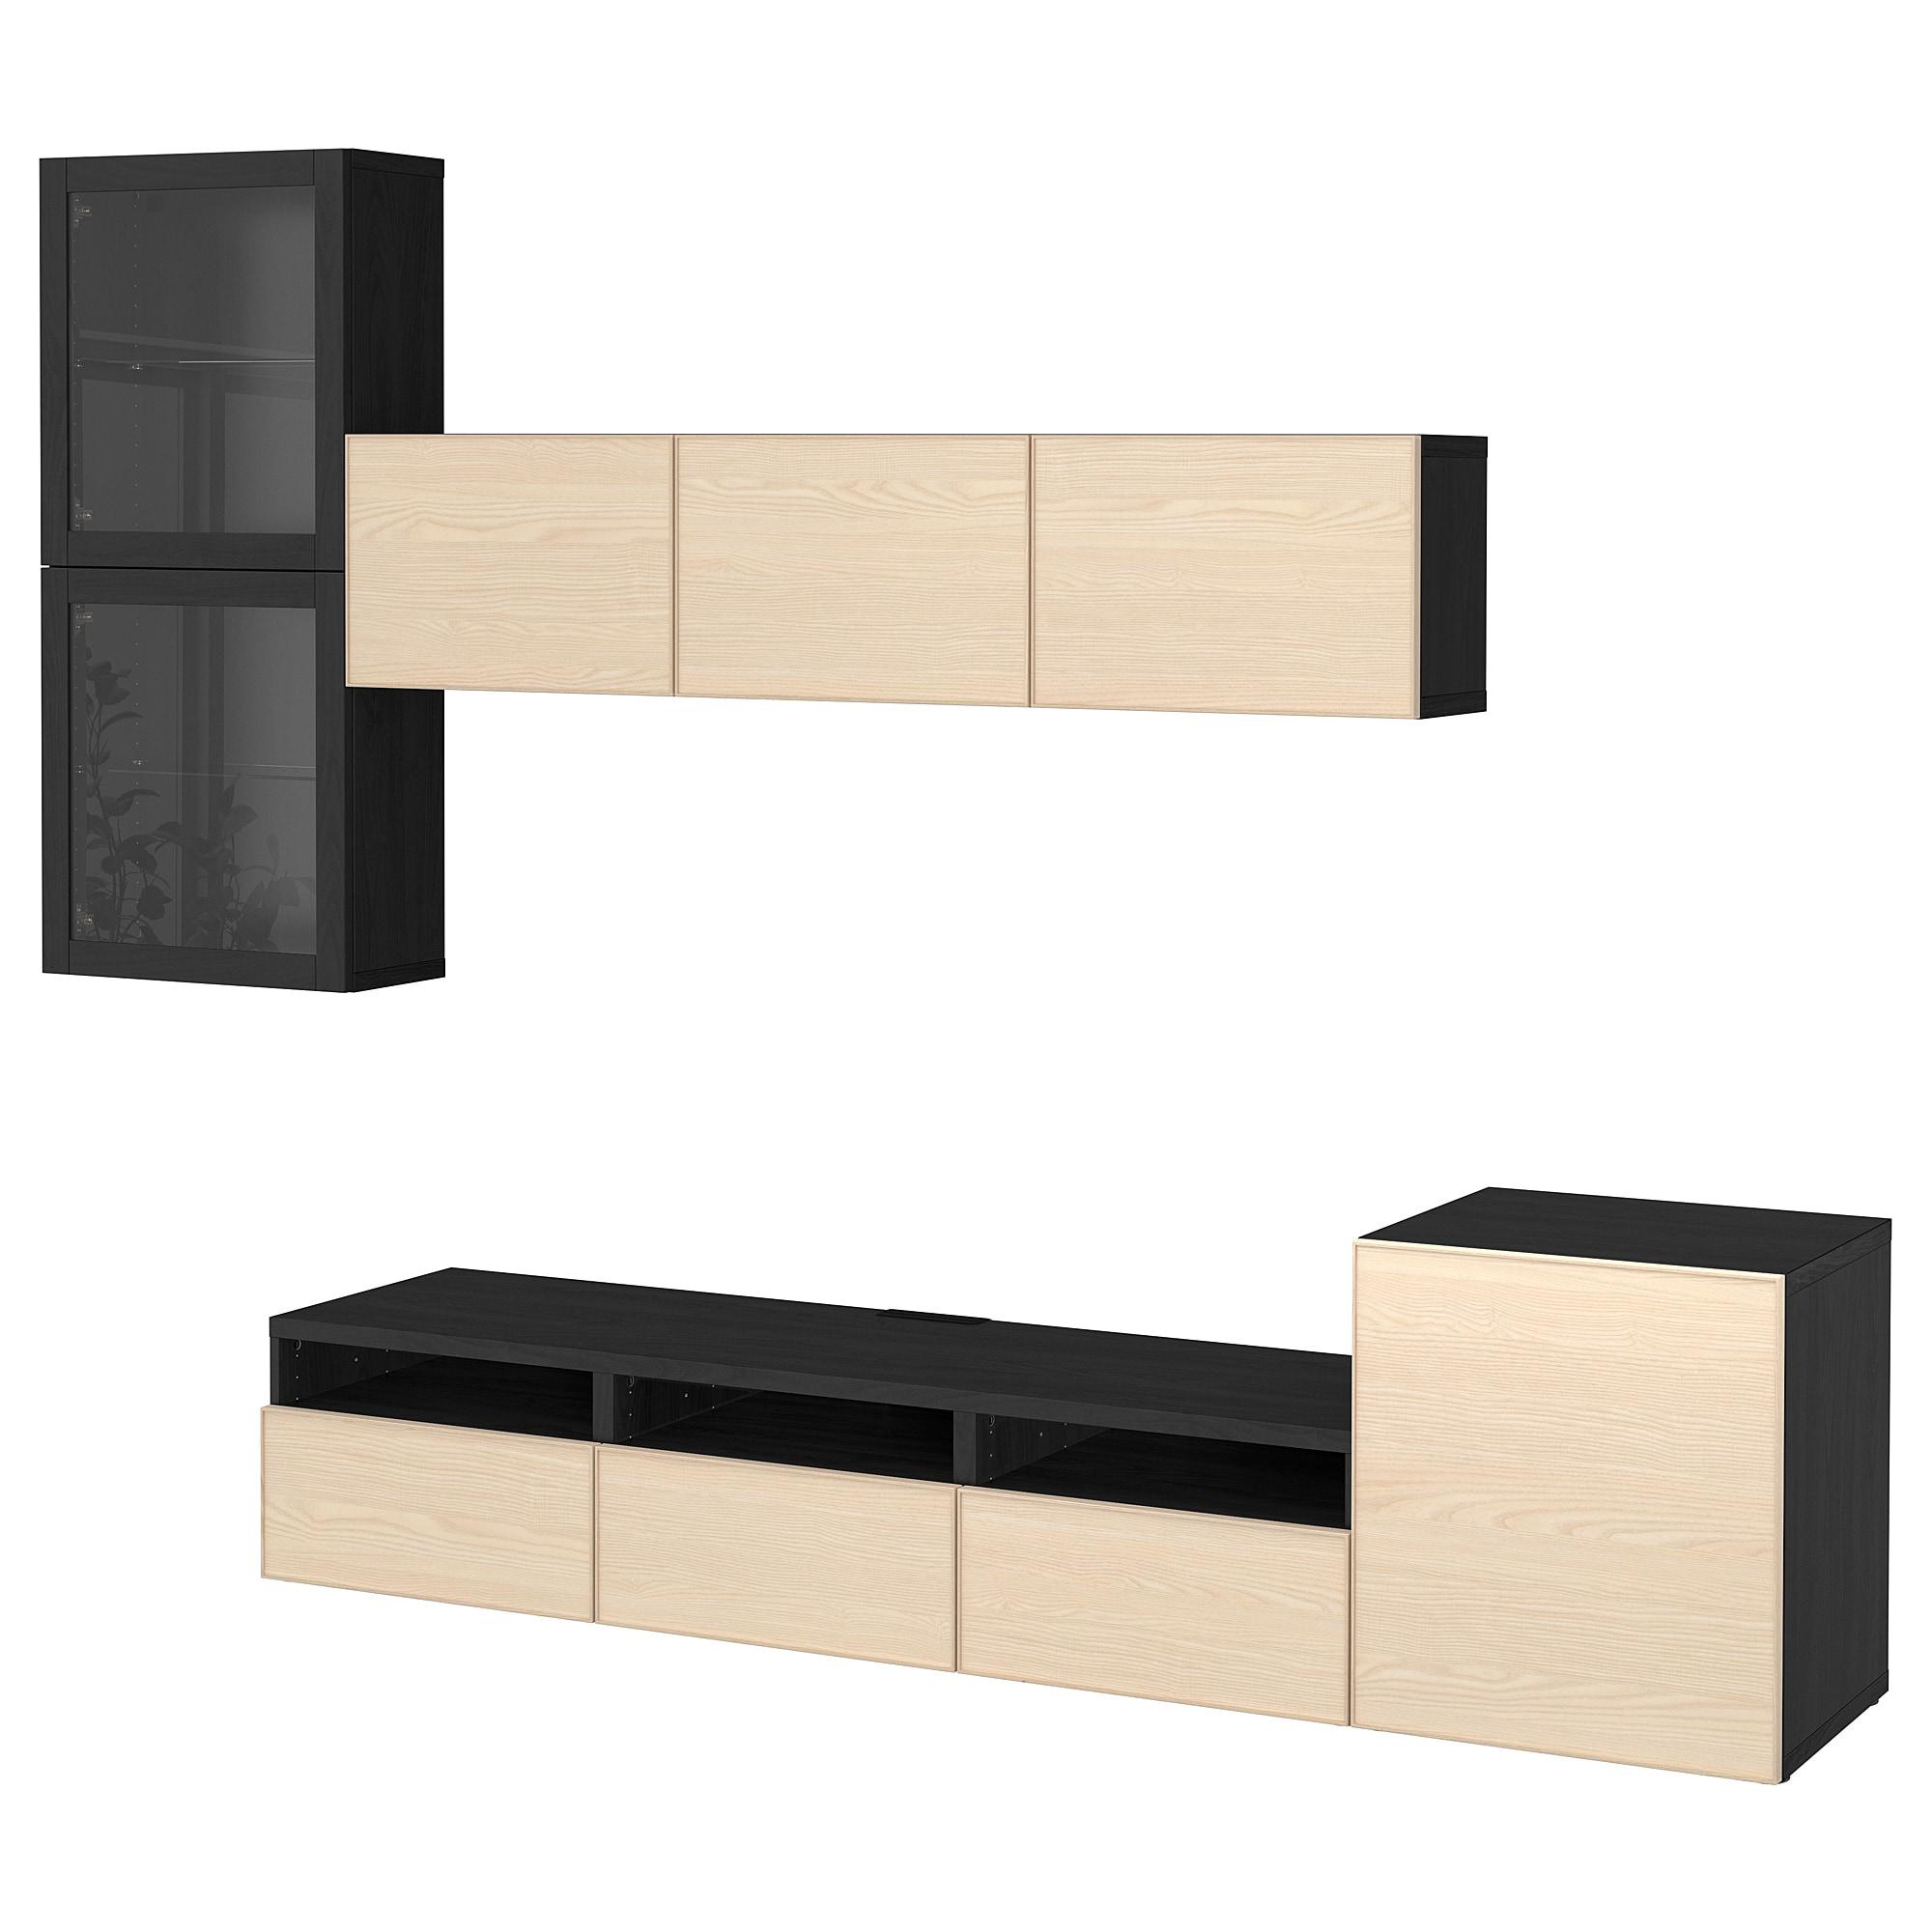 Шкаф для ТВ, комбинированный, стекляные дверцы БЕСТО черно-коричневый артикуль № 192.522.48 в наличии. Интернет магазин IKEA Минск. Недорогая доставка и соборка.